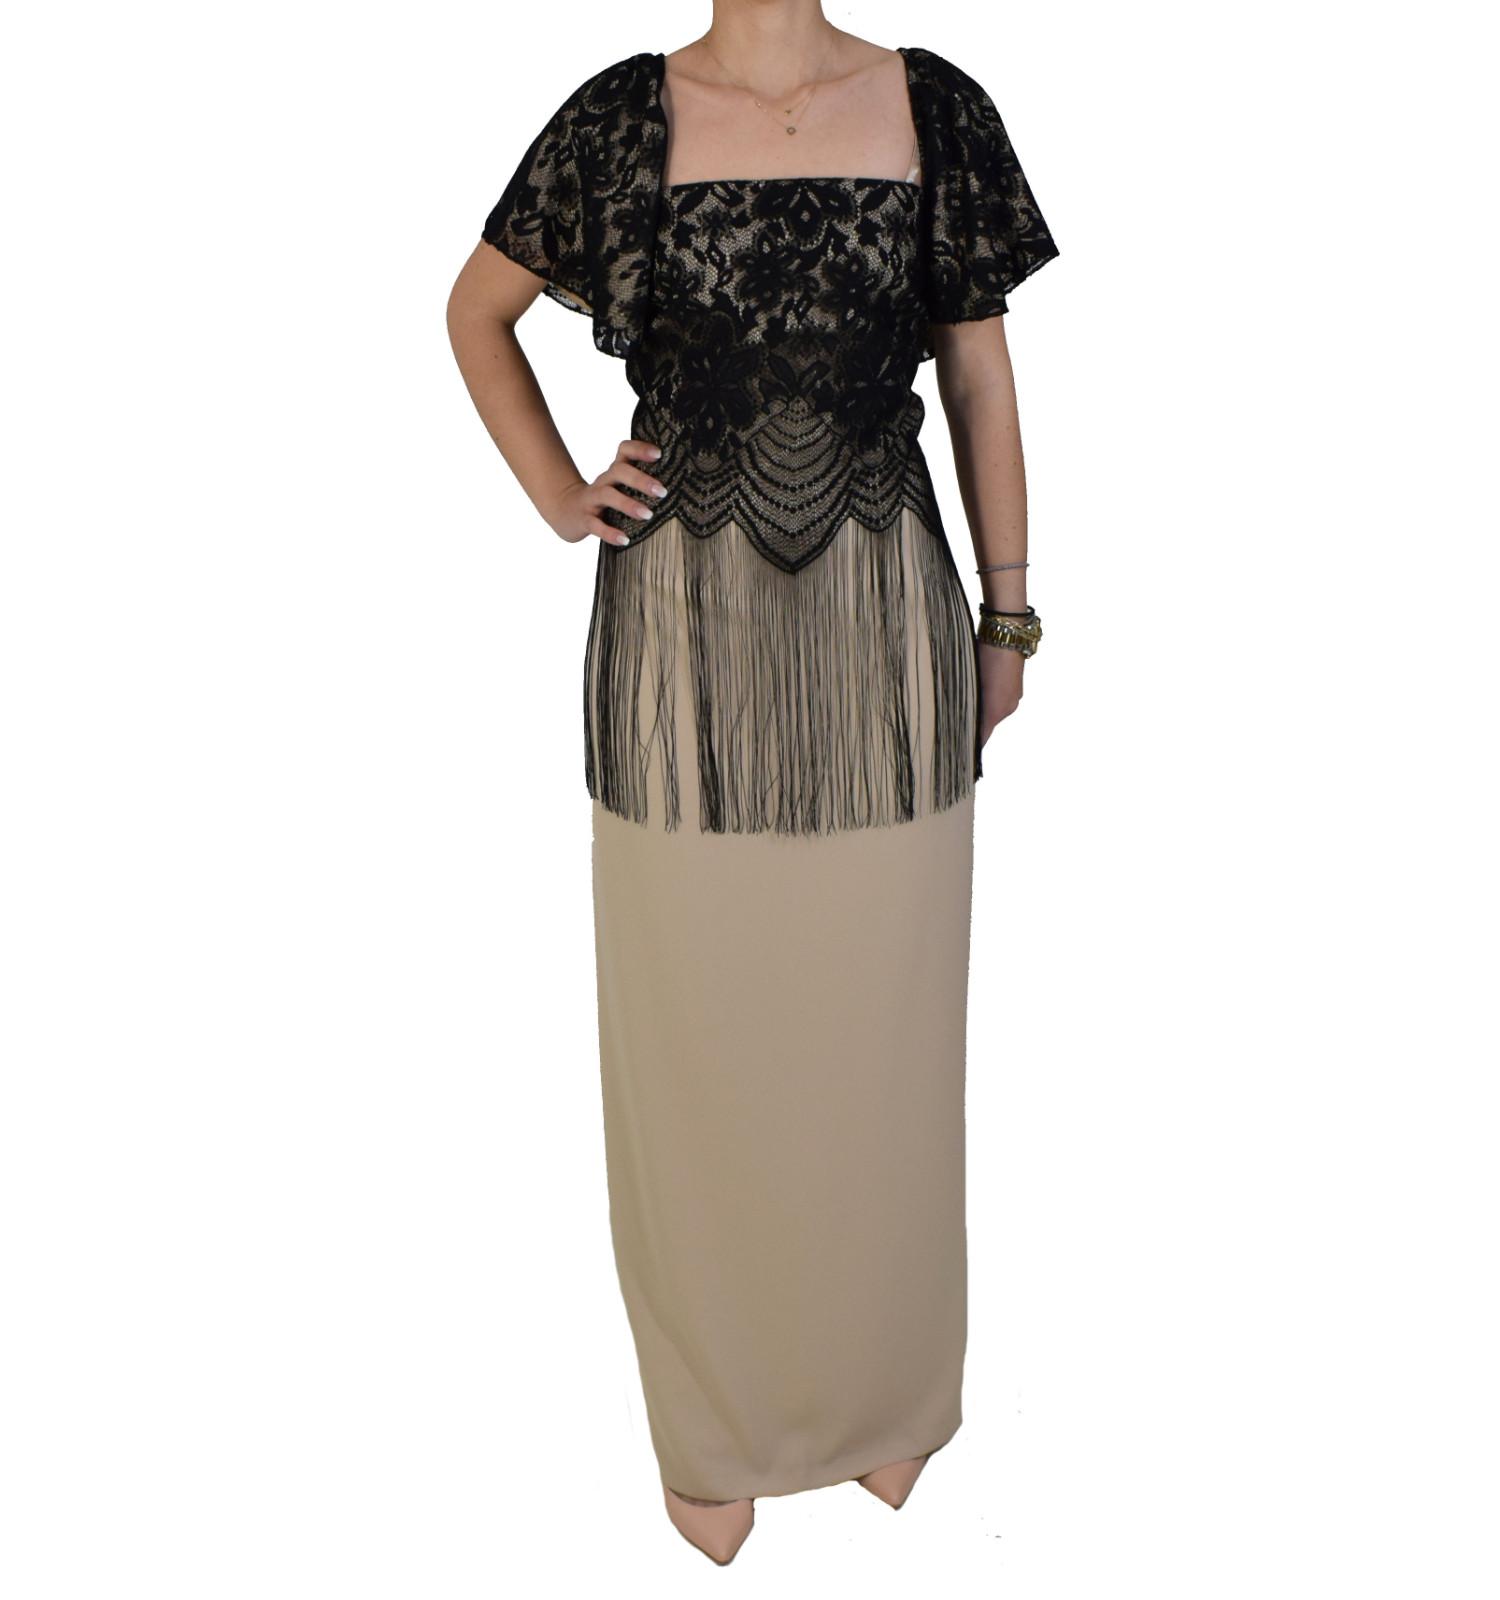 Φόρεμα Maxi Με Δαντέλα Forel 505012 Μπεζ Μαύρο forel 505012 mpez ... 050d8a9cf66